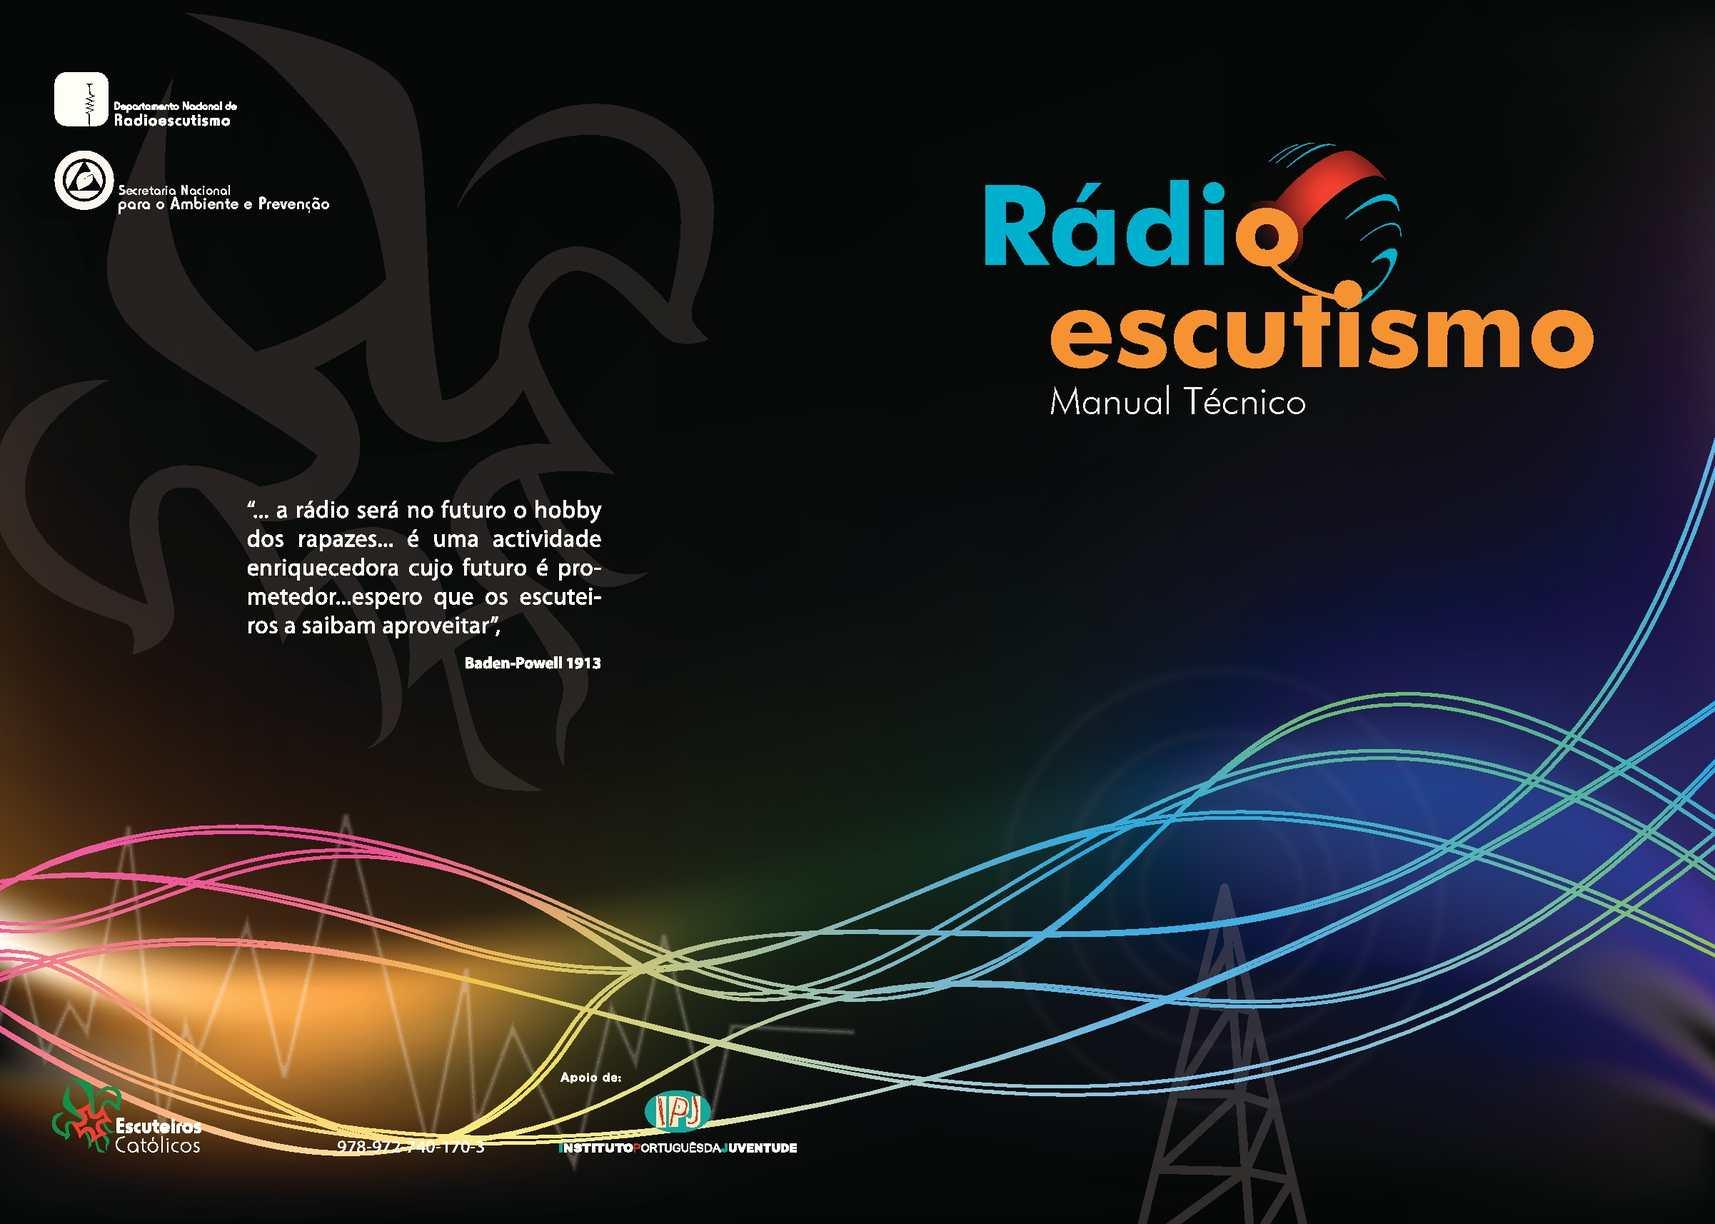 RADIOESCUTISMO  - Manual Técnico